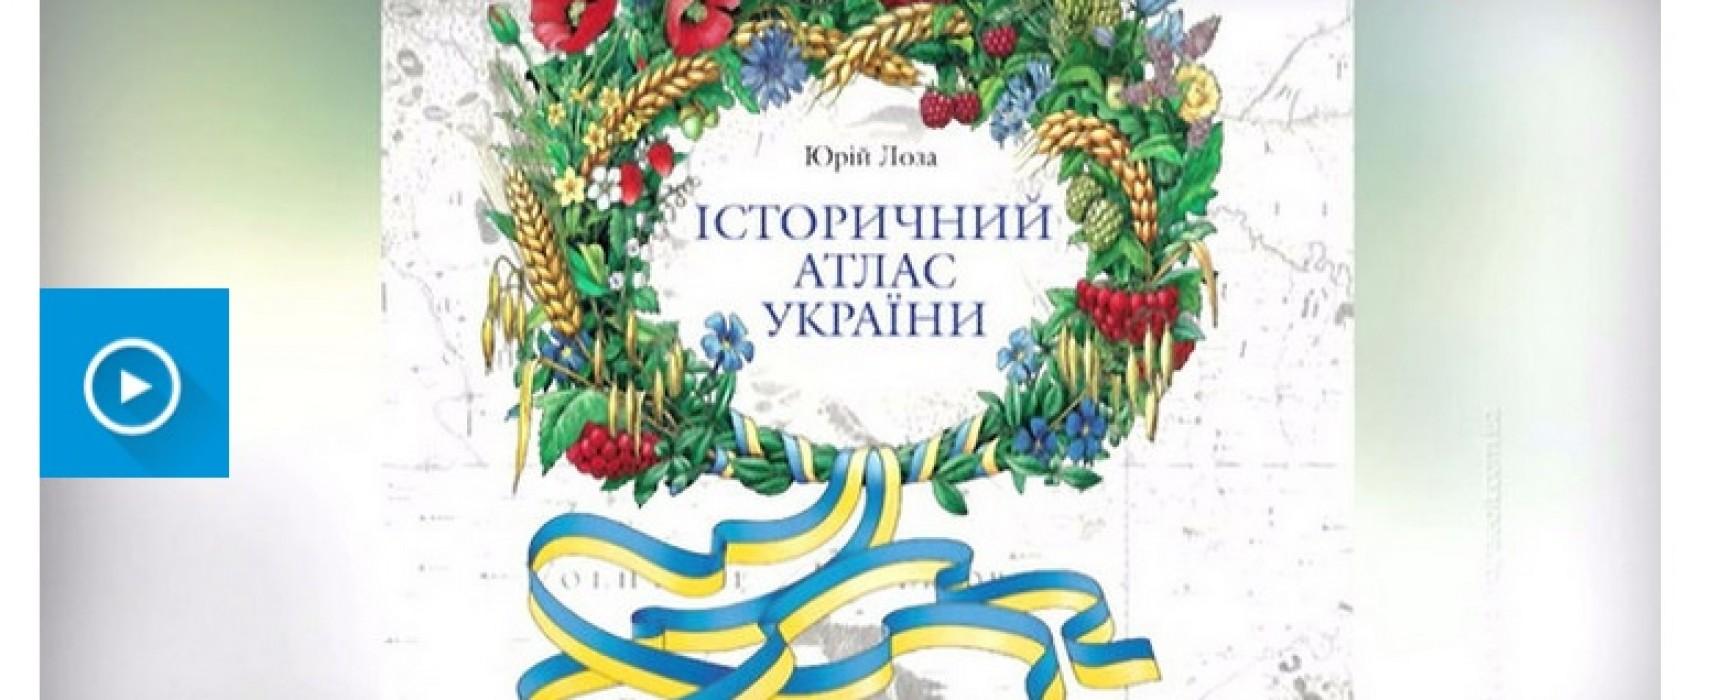 Фейк:За слова «Русь» и «Россия» в Украине будут лишать свободы на 12 лет